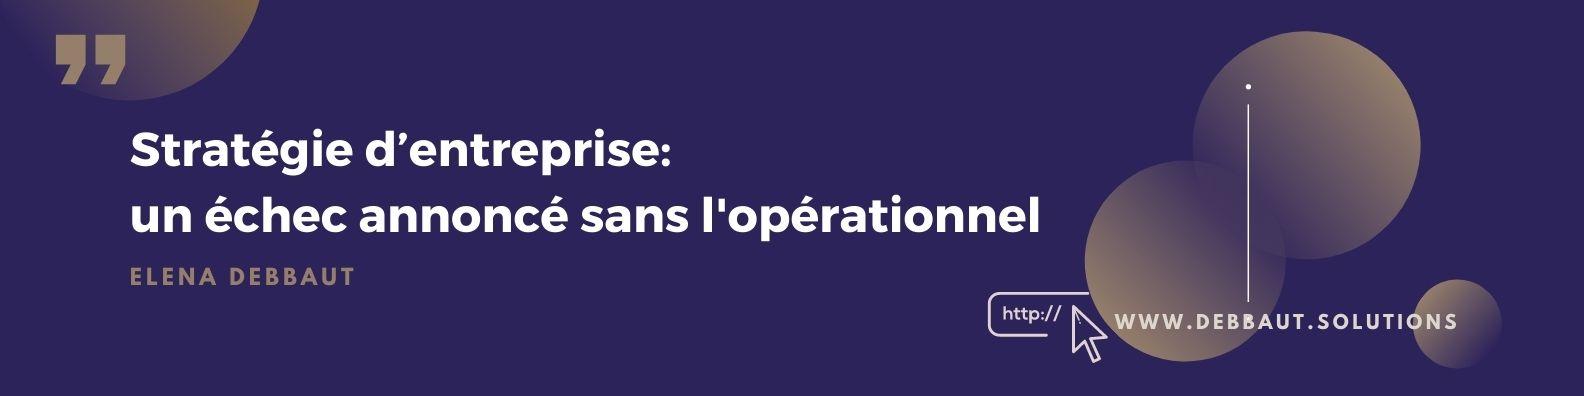 L'implémentation opérationnelle de la stratégie d'une entreprise avec Elena Debbaut, Operating Partner Solutions et Consultante en Entreprise dans la gestion de crise